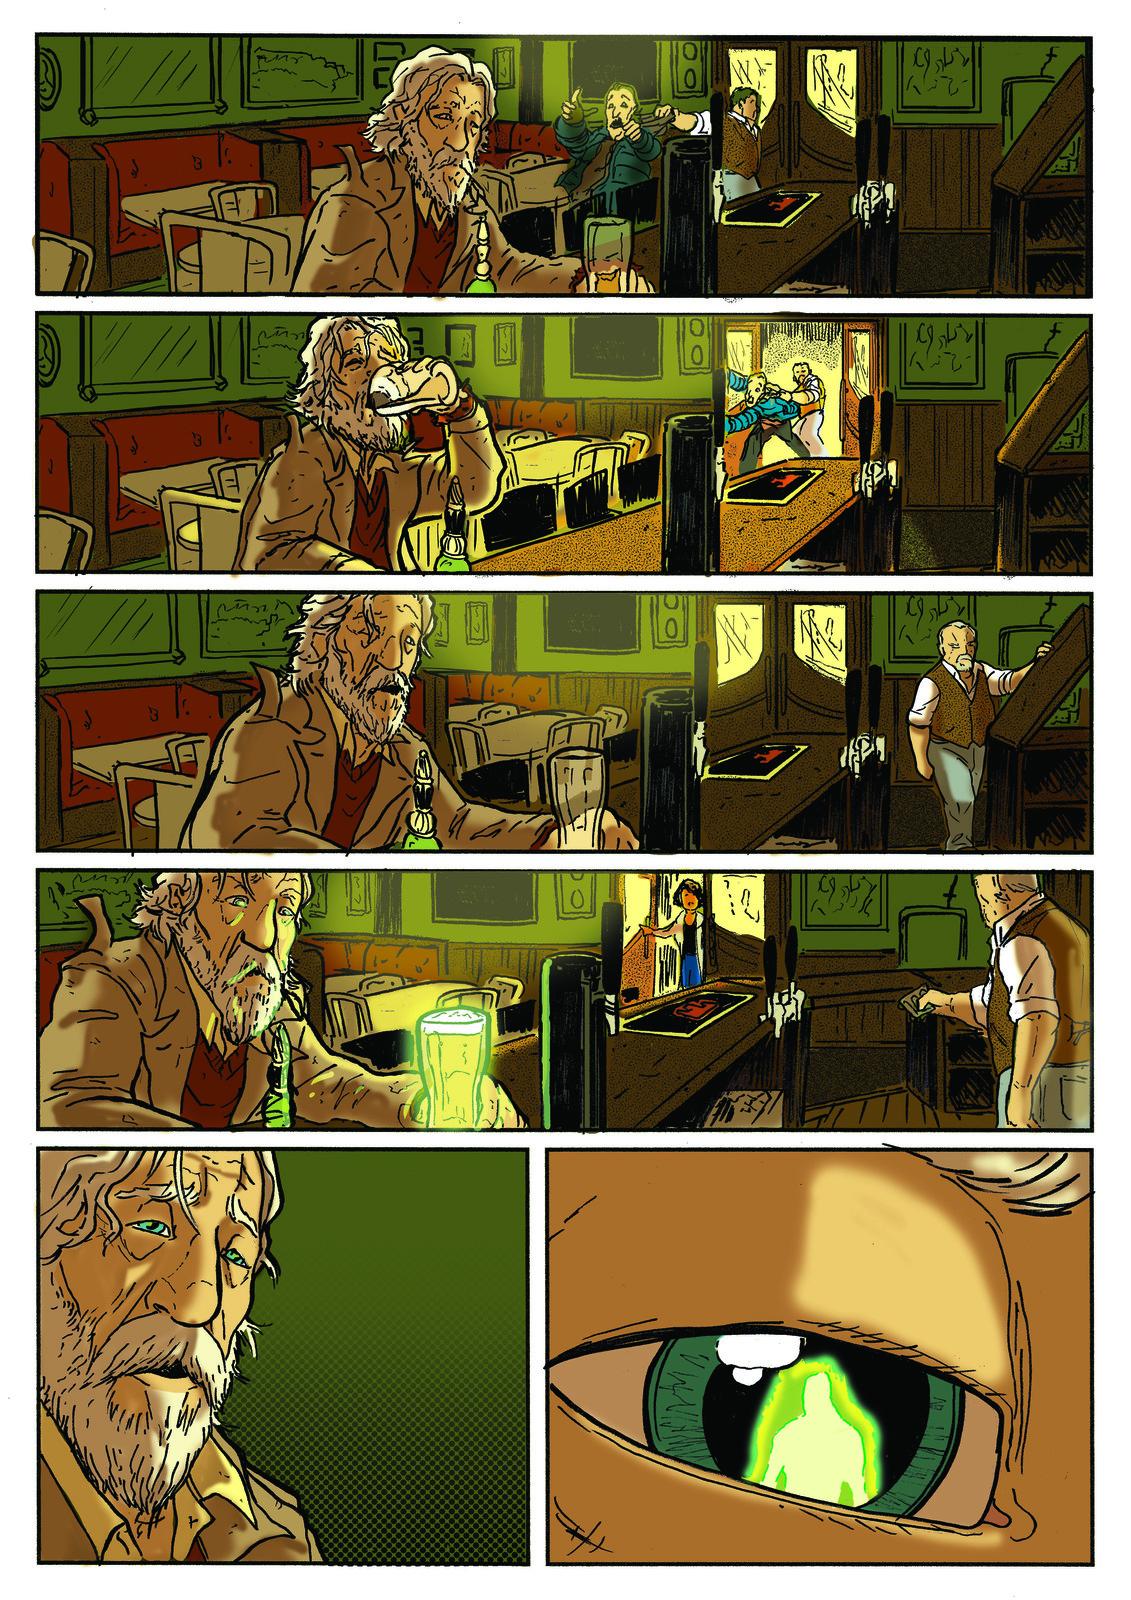 Page 4 Colour Test